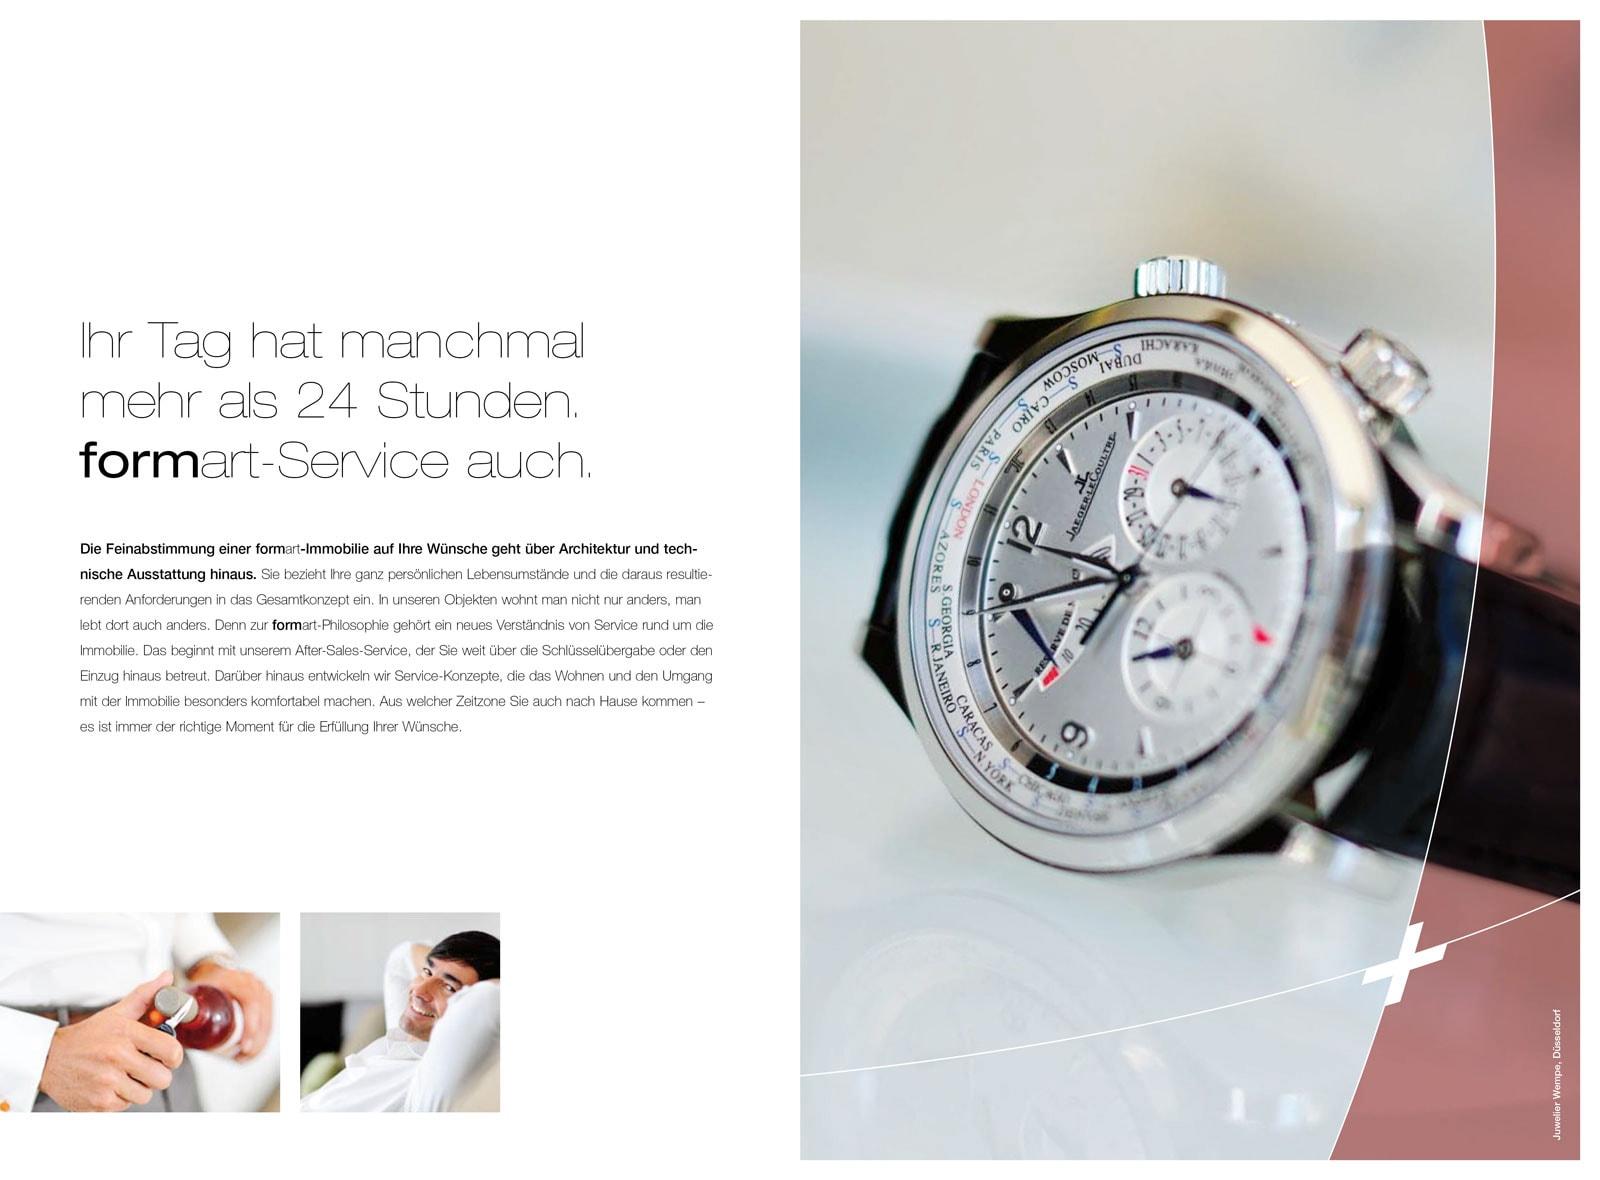 Foto einer sehr teuren Armbanduhr